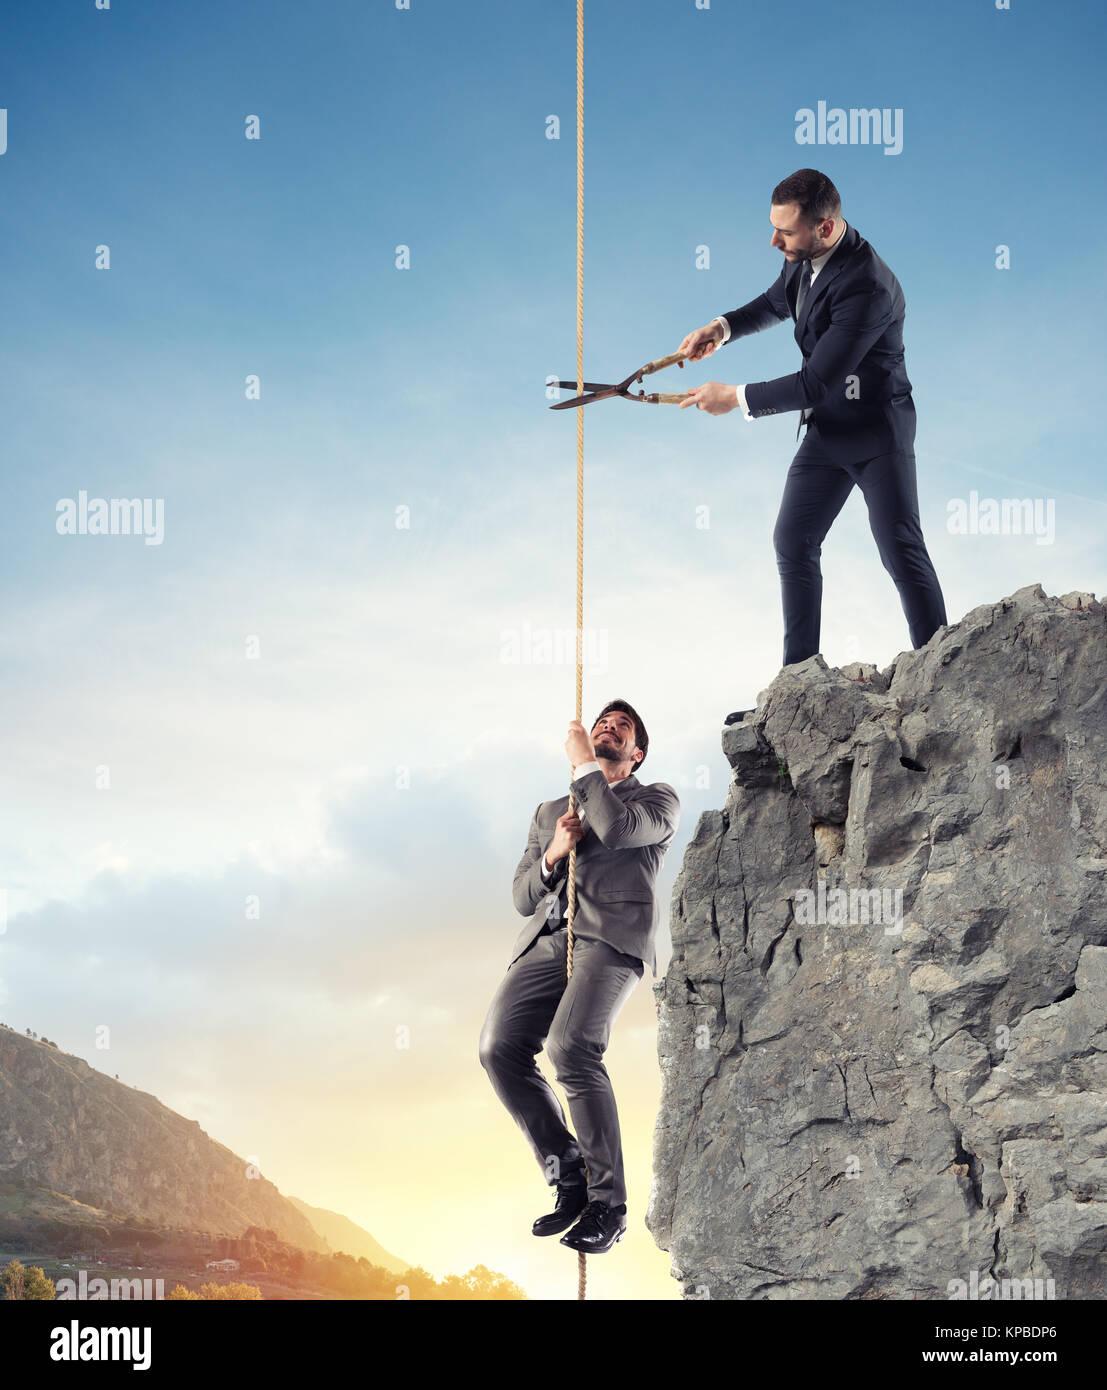 El empresario que no ayudan a un competidor. Concepto de competencia desleal Imagen De Stock